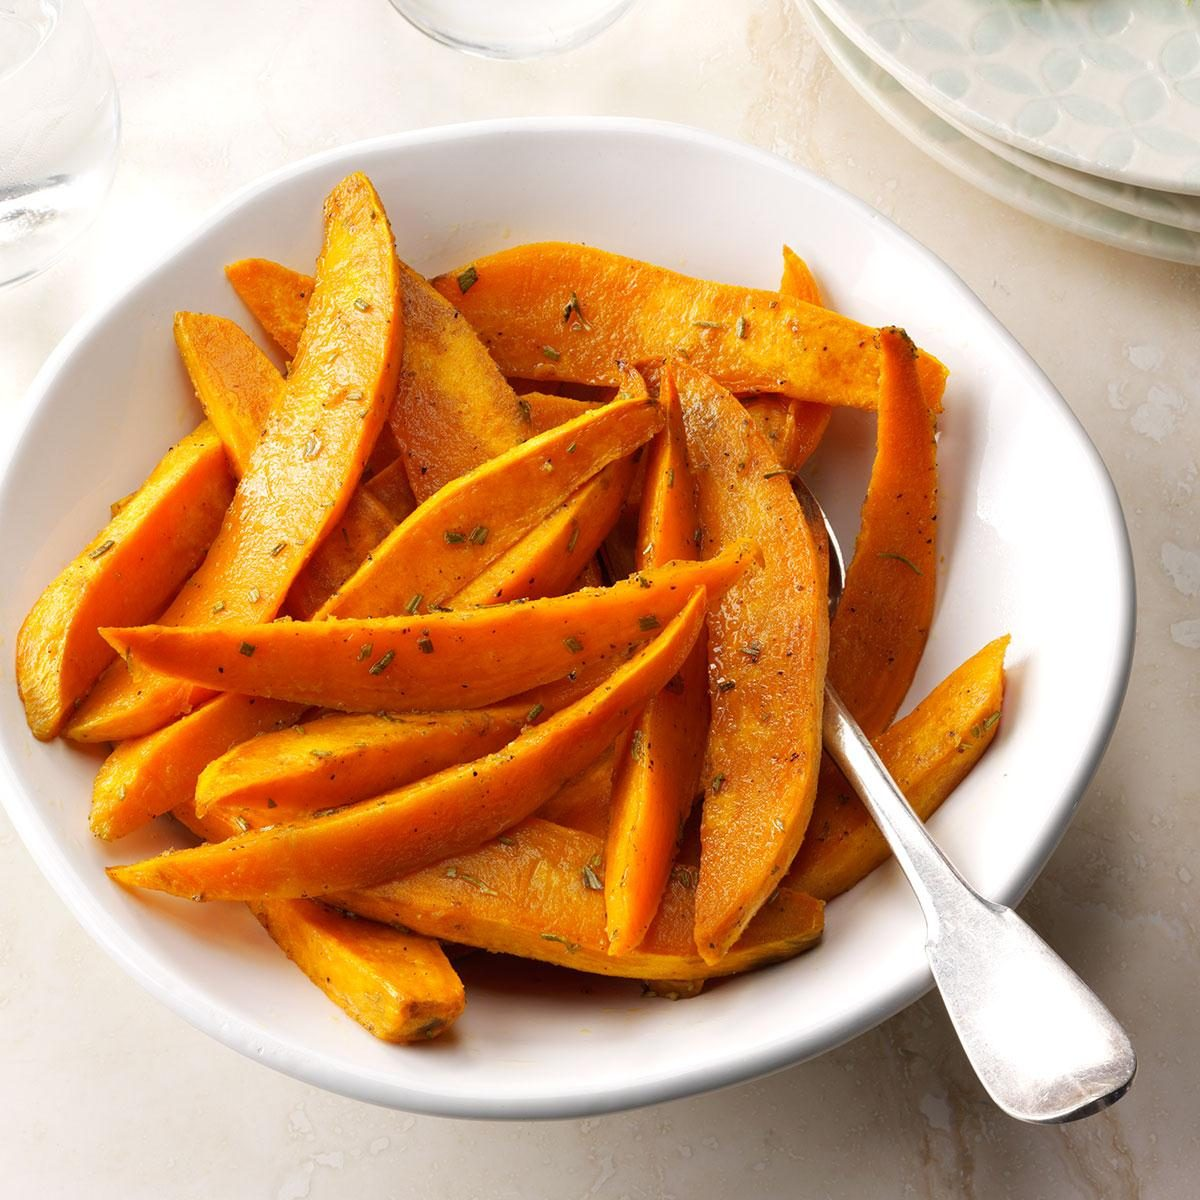 Roasted Sweet Potatoes With Dijon & Rosemary Recipe